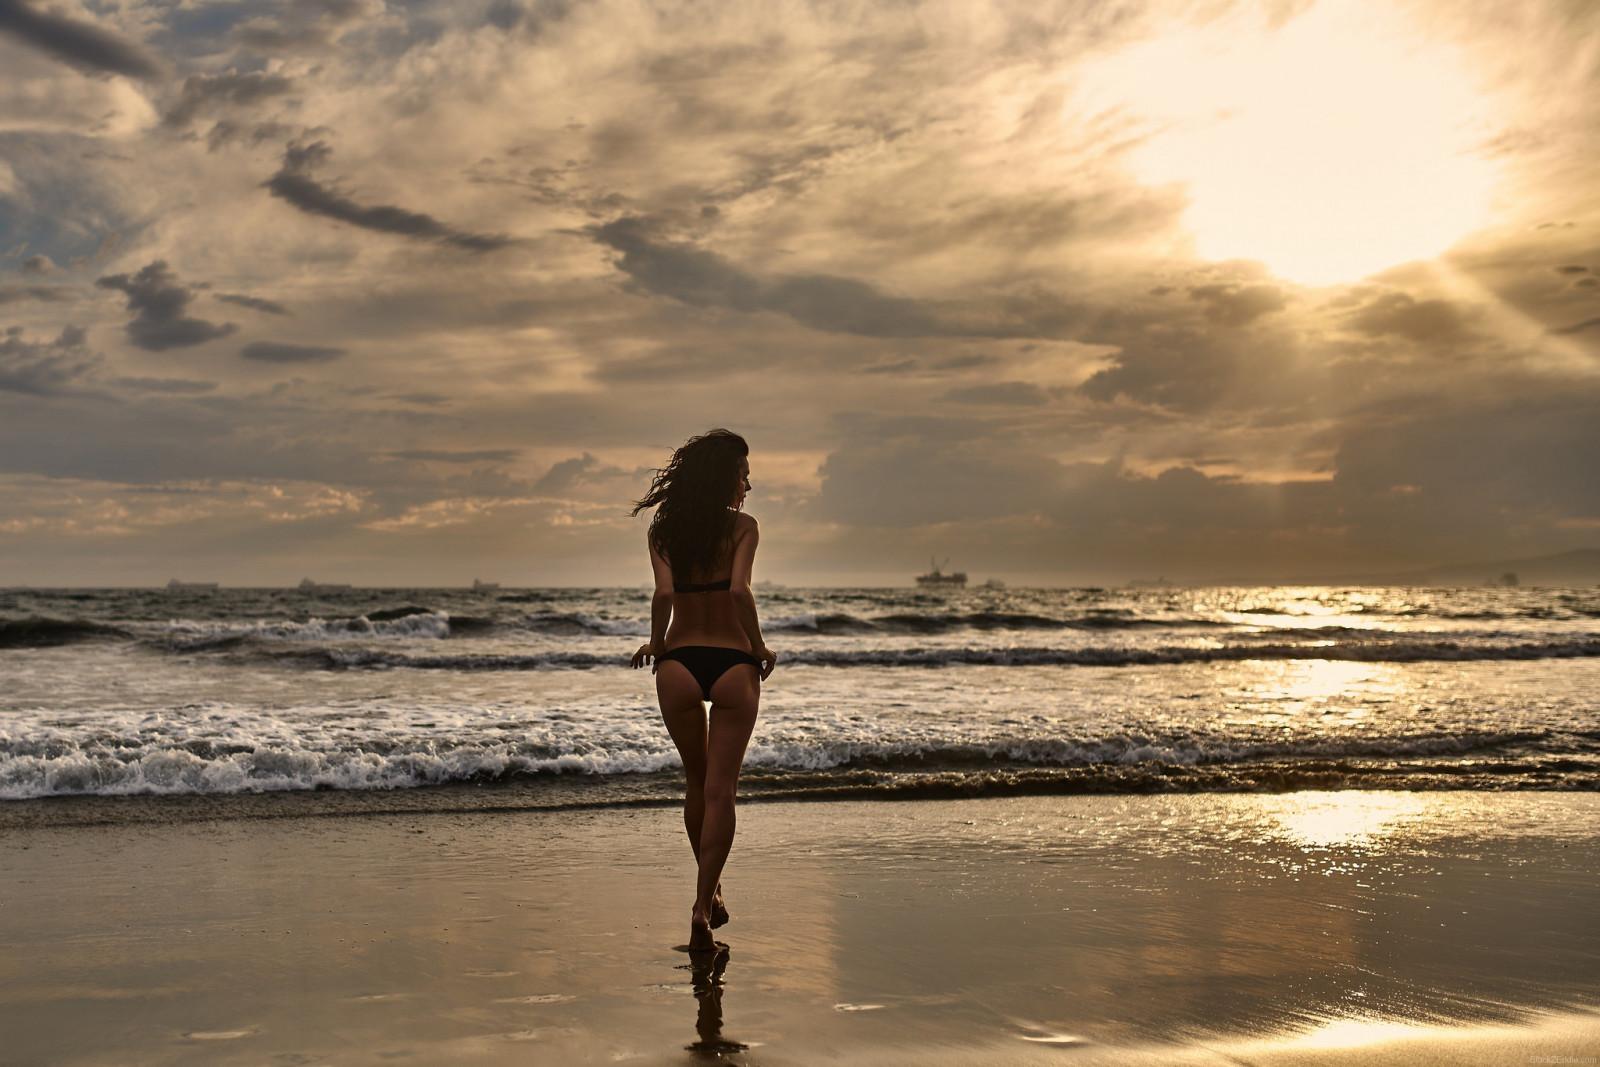 женщины на пляже с солнцем ночью любительские фото проблемы